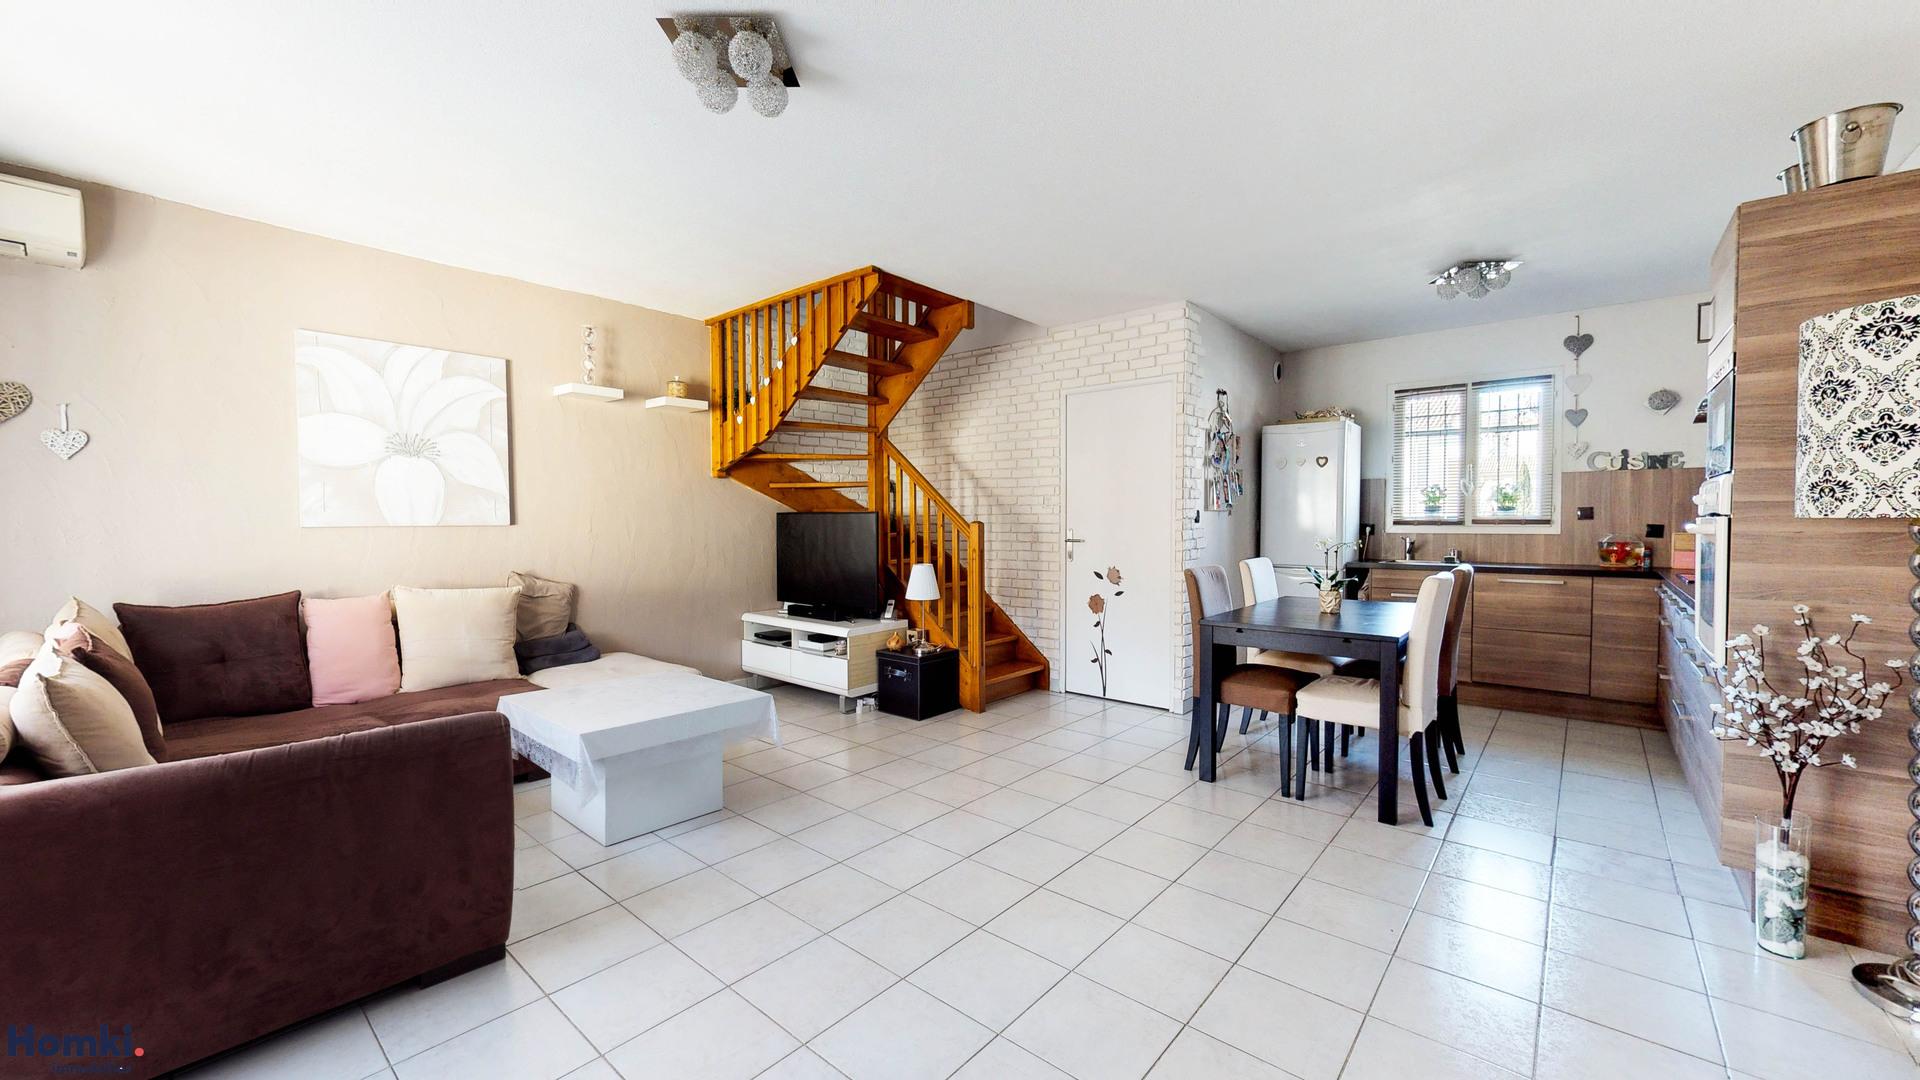 Vente Maison 80 m² T4 13127_4